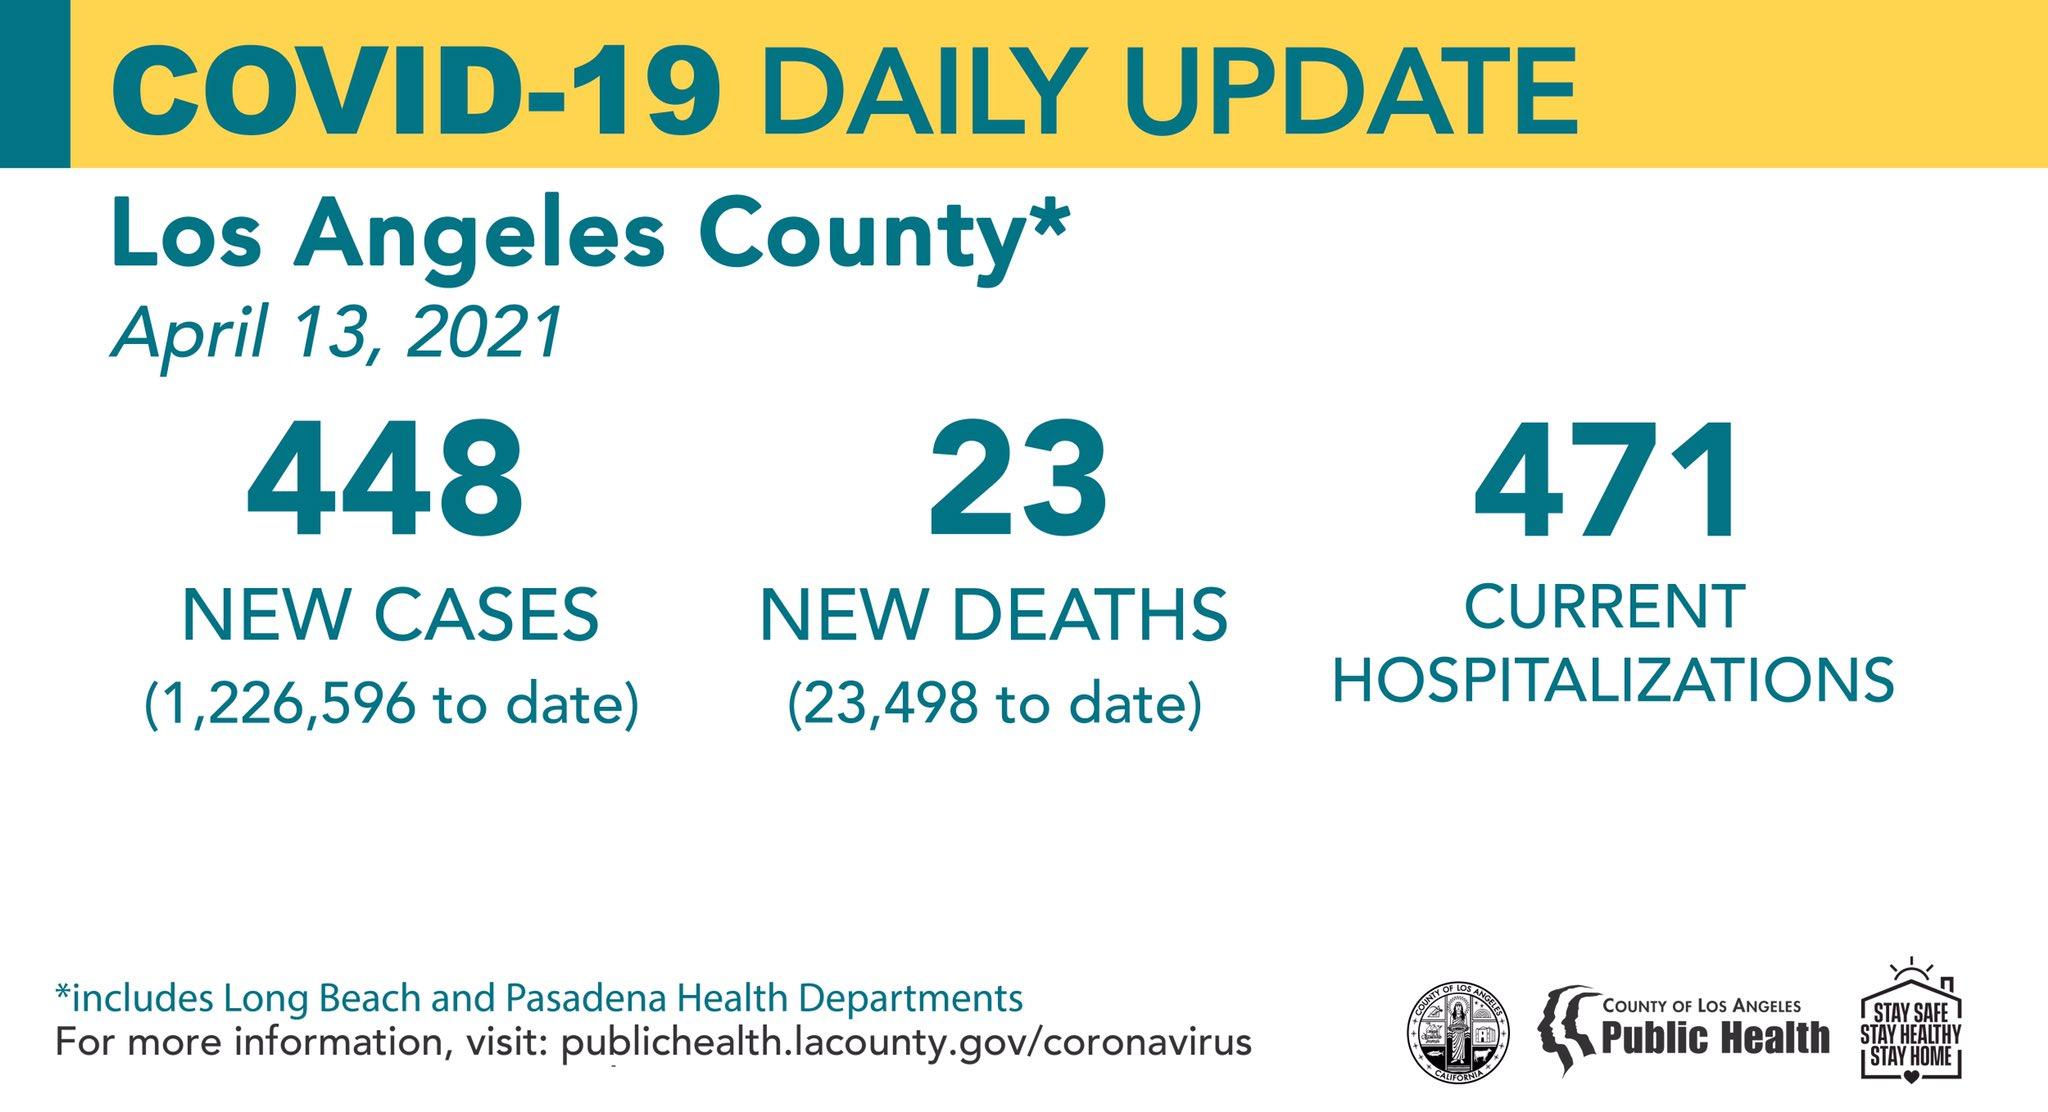 洛杉矶县4月13日新增新冠448例,死亡23例